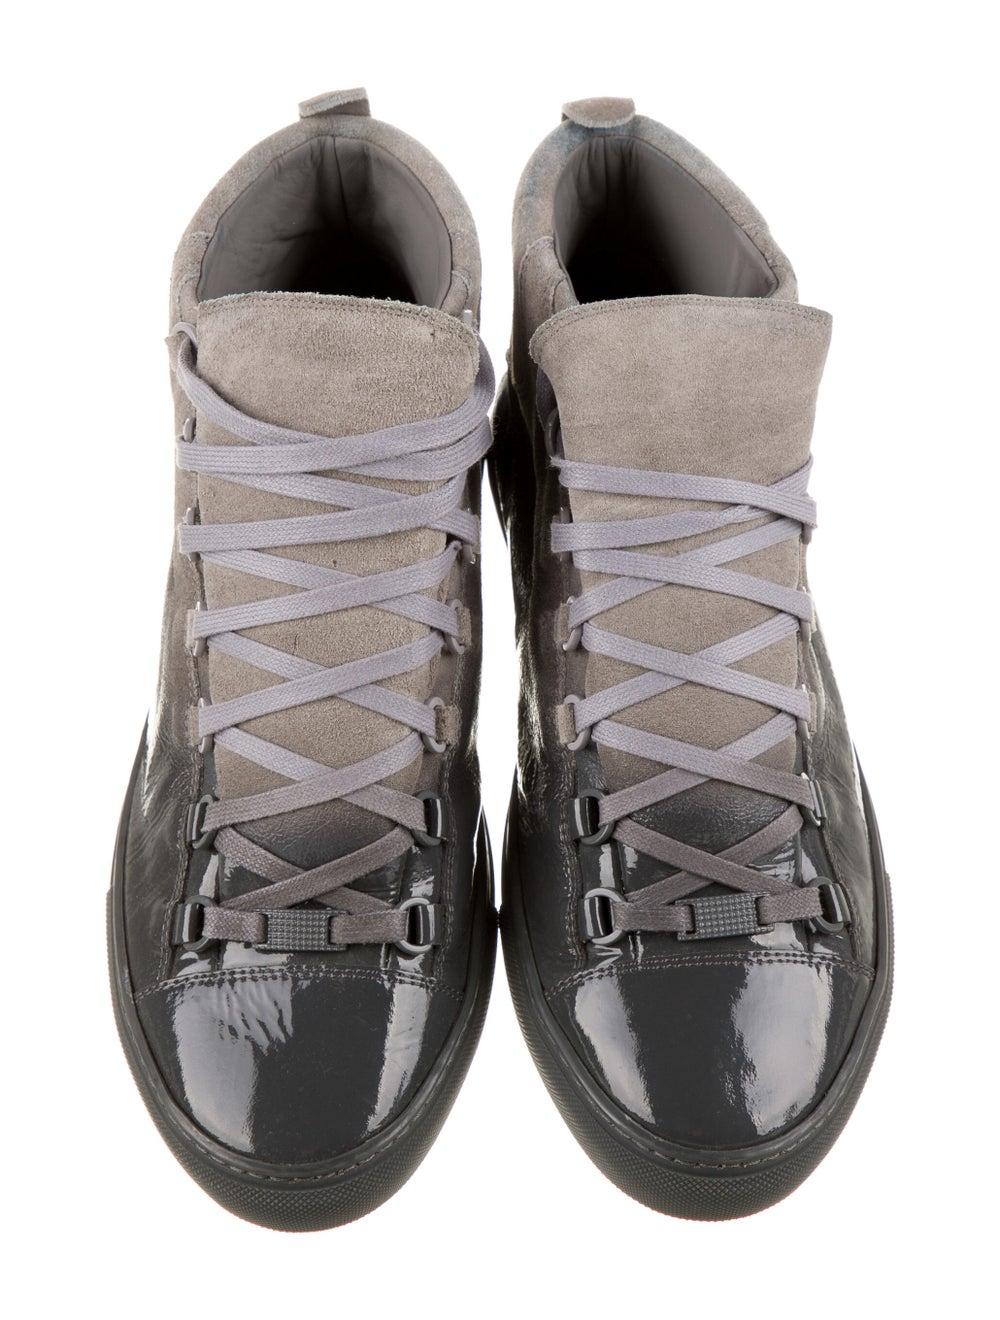 Balenciaga Arena Sneakers Grey - image 3